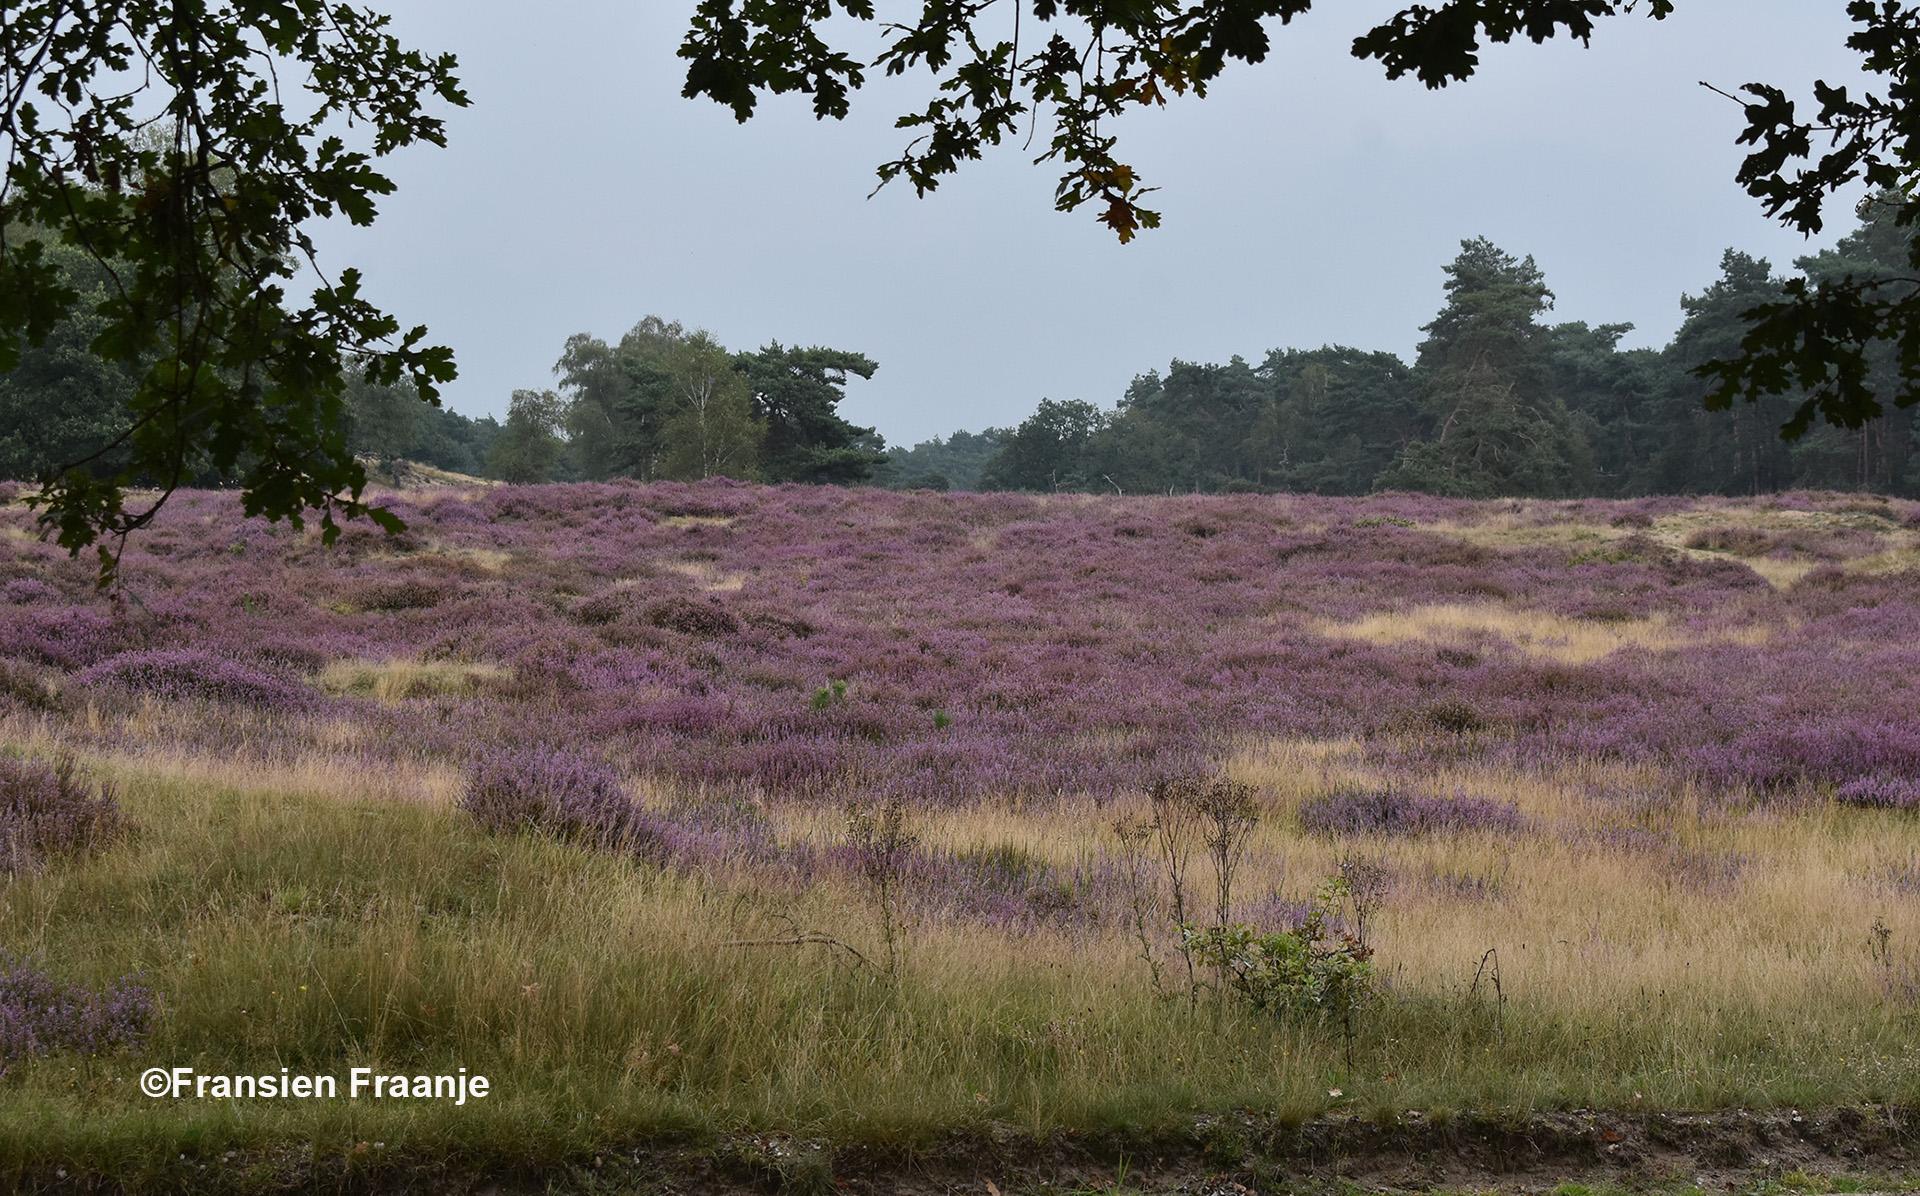 Mooie doorkijkjes en genieten van de paarse heide - Foto: ©Fransien Fraanje